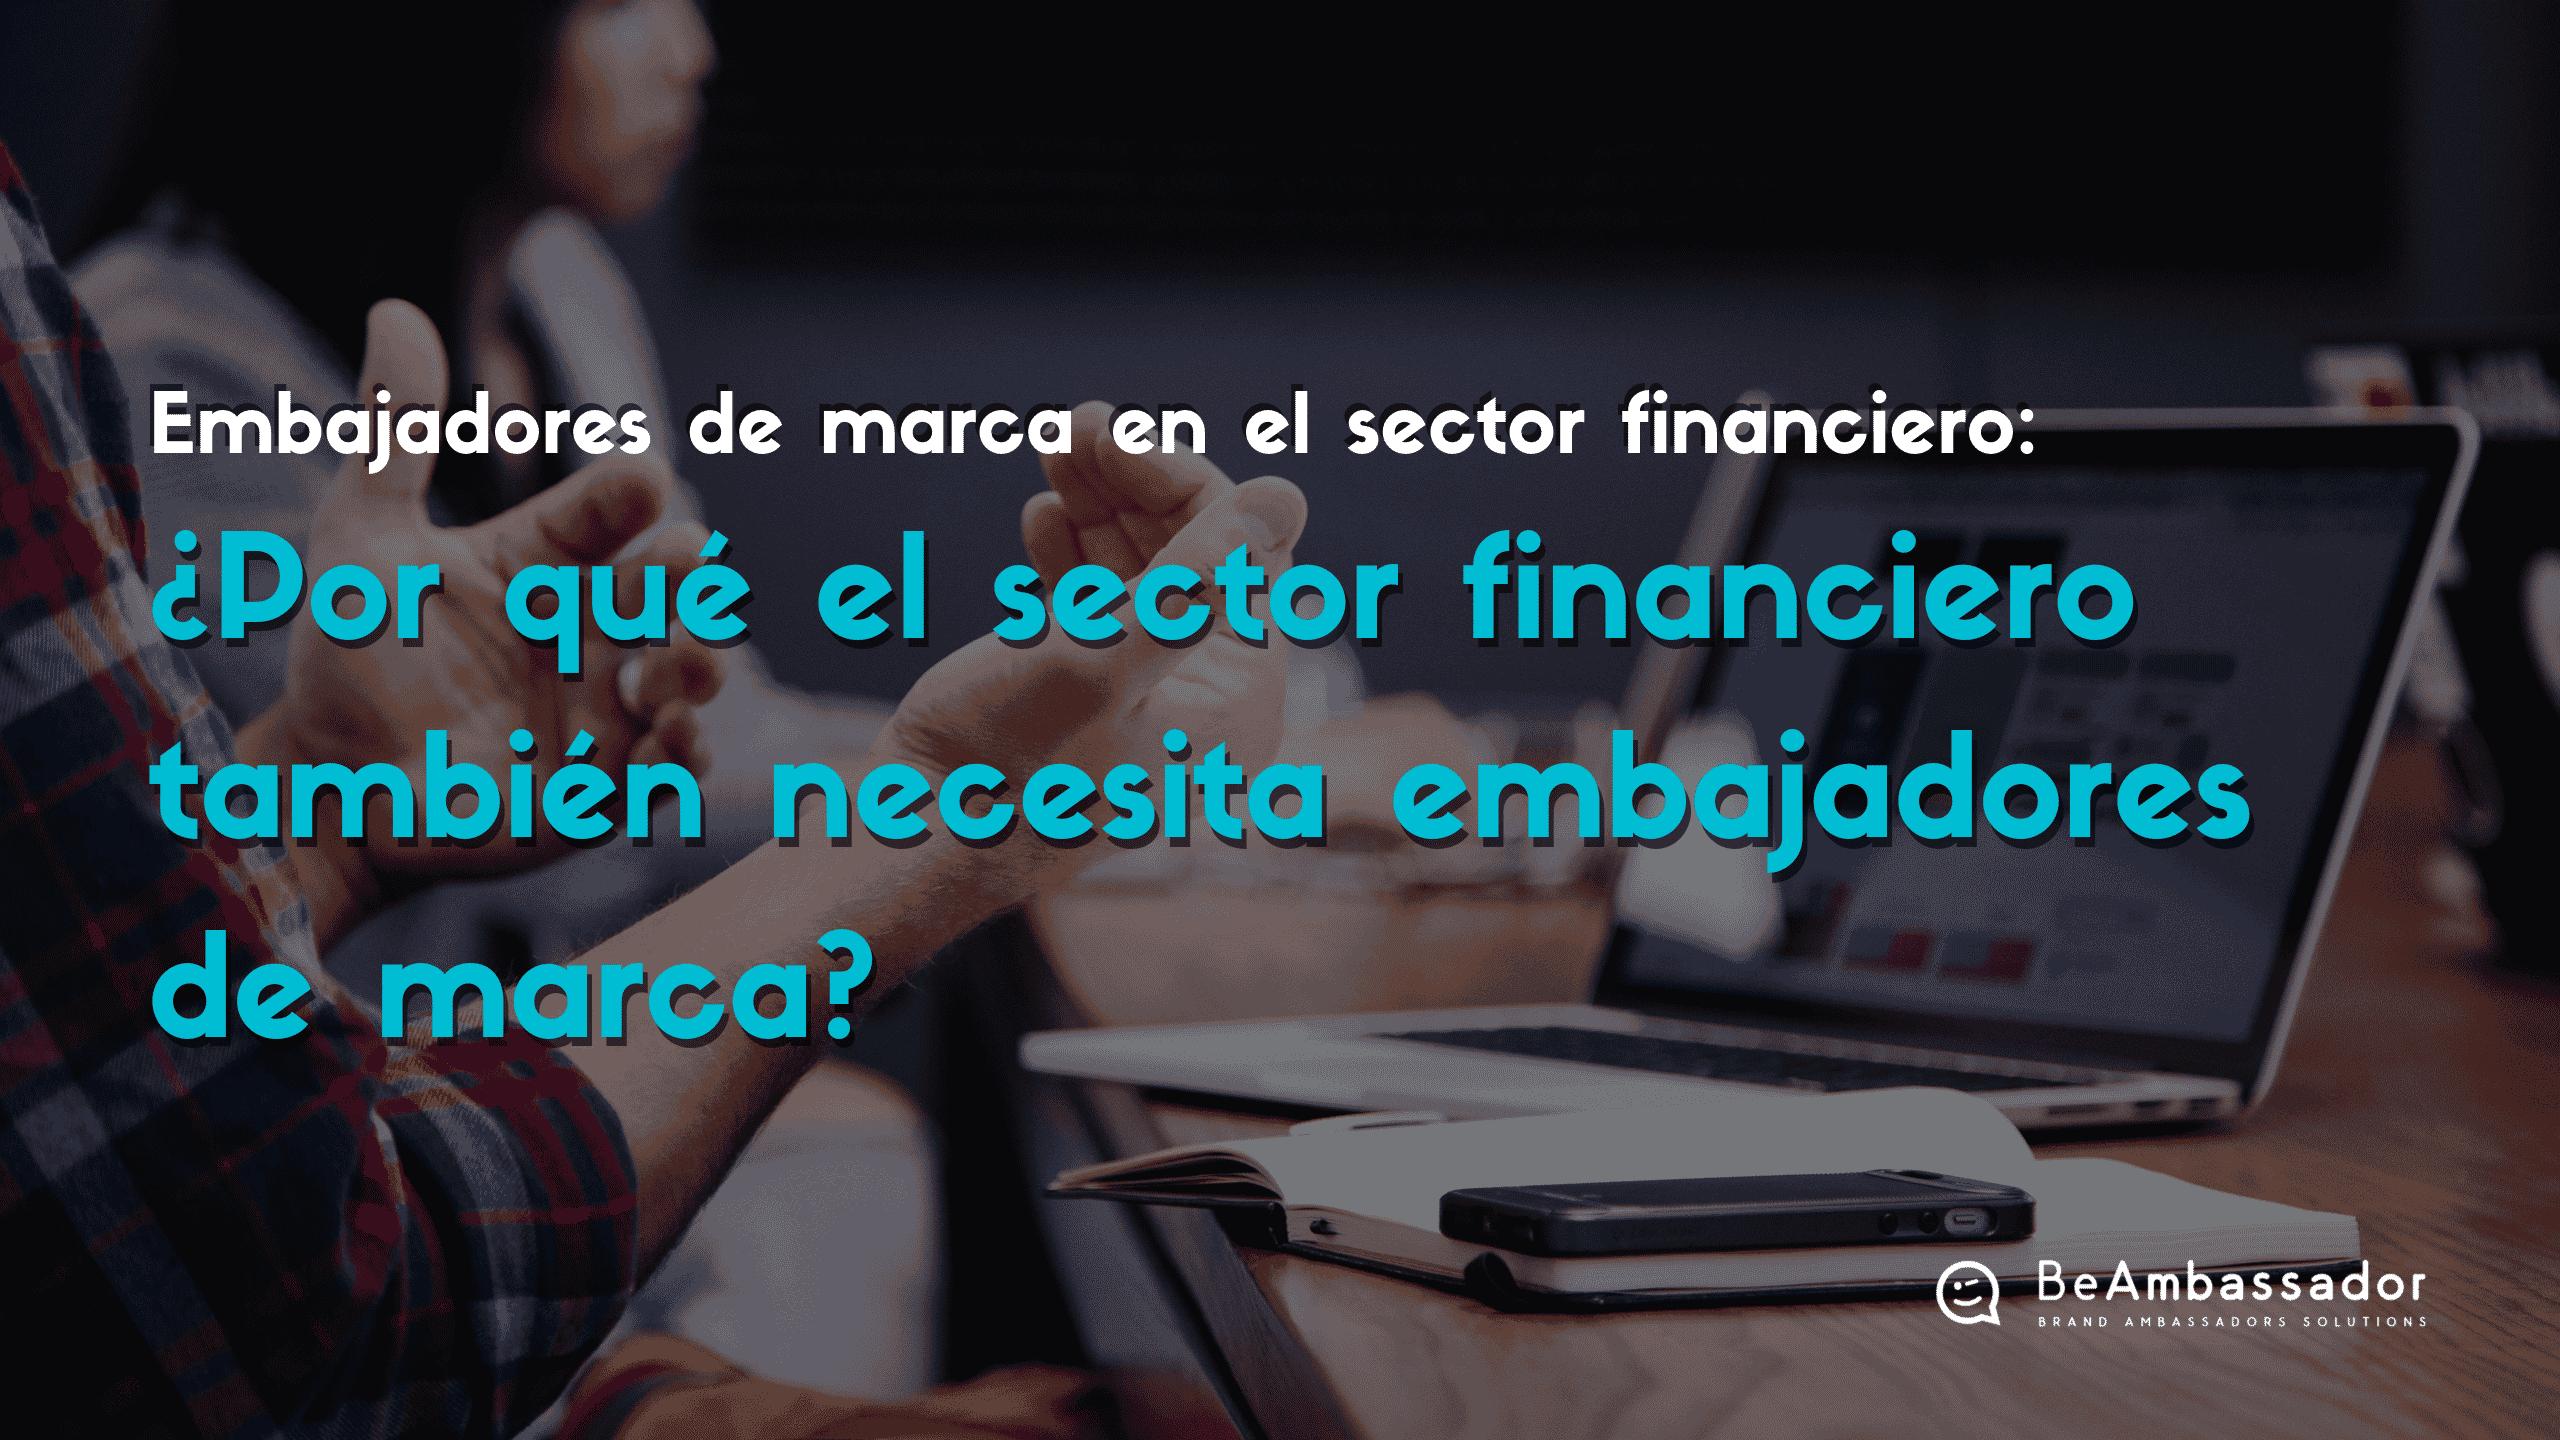 ¿Cómo implantar un programa de embajadores de marca en el sector financiero?